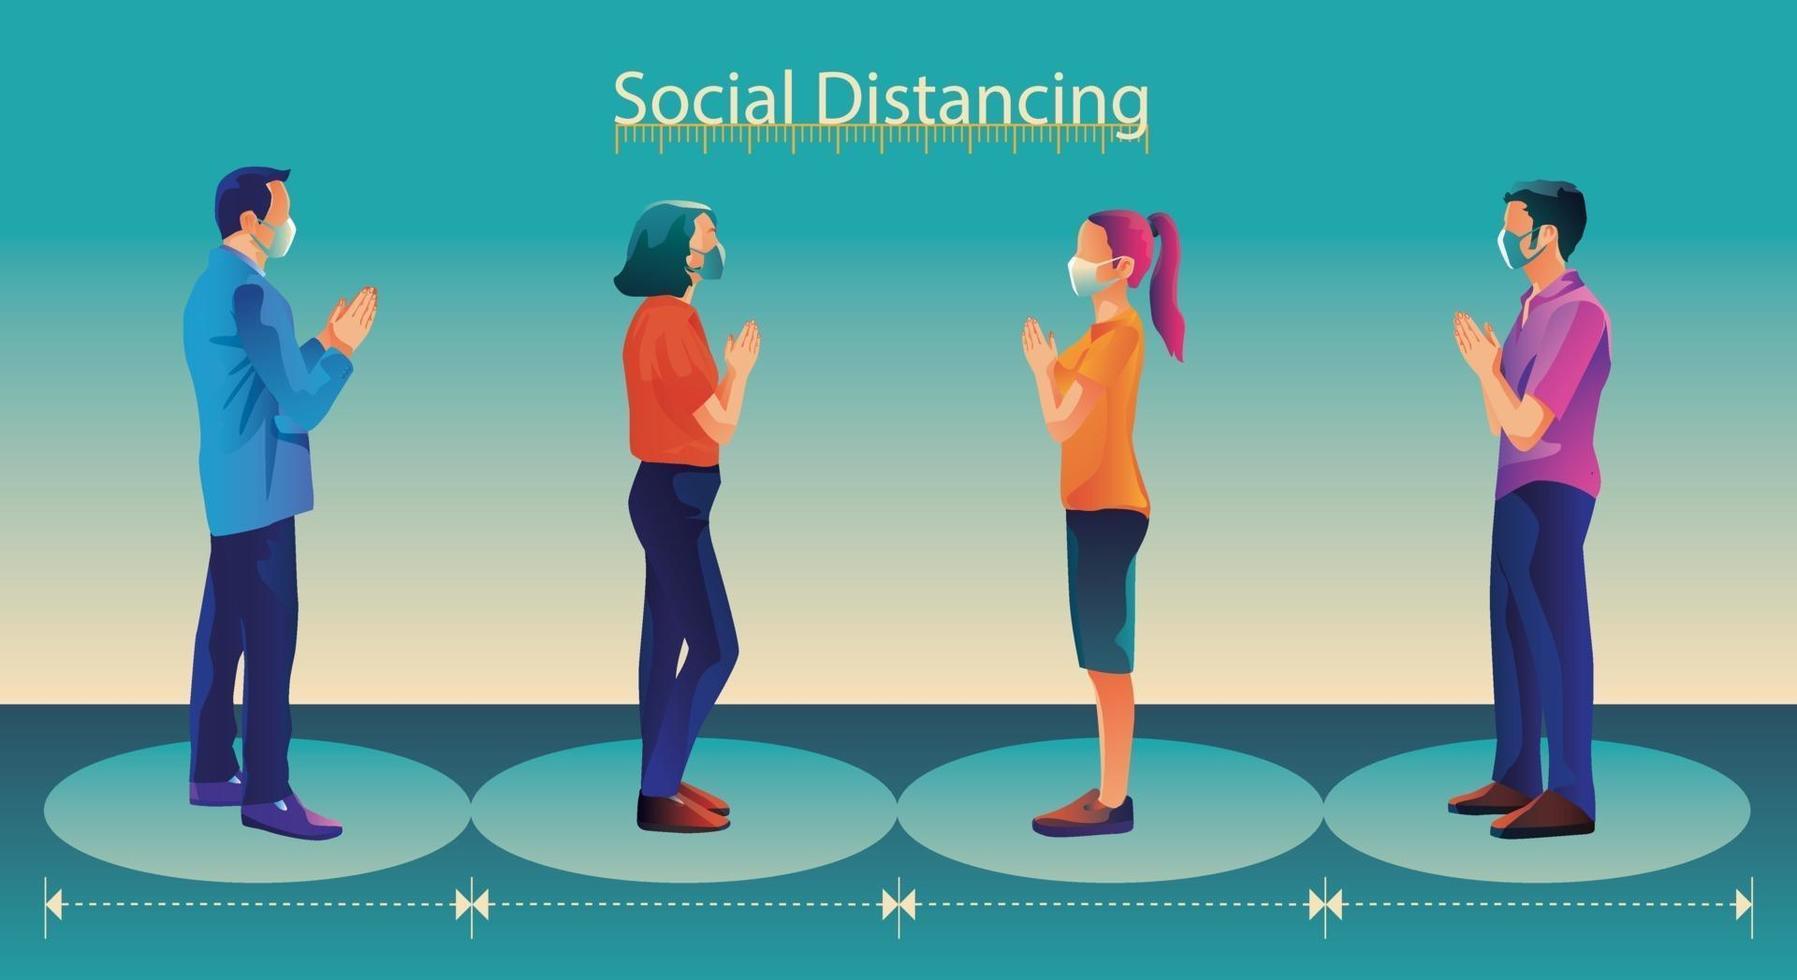 allontanamento sociale, le persone mantengono le distanze ed evitano il contatto fisico, la stretta di mano o il tocco della mano per proteggersi dal concetto di diffusione del coronavirus covid-19, le persone usano il saluto thailandese di sawasdee vettore